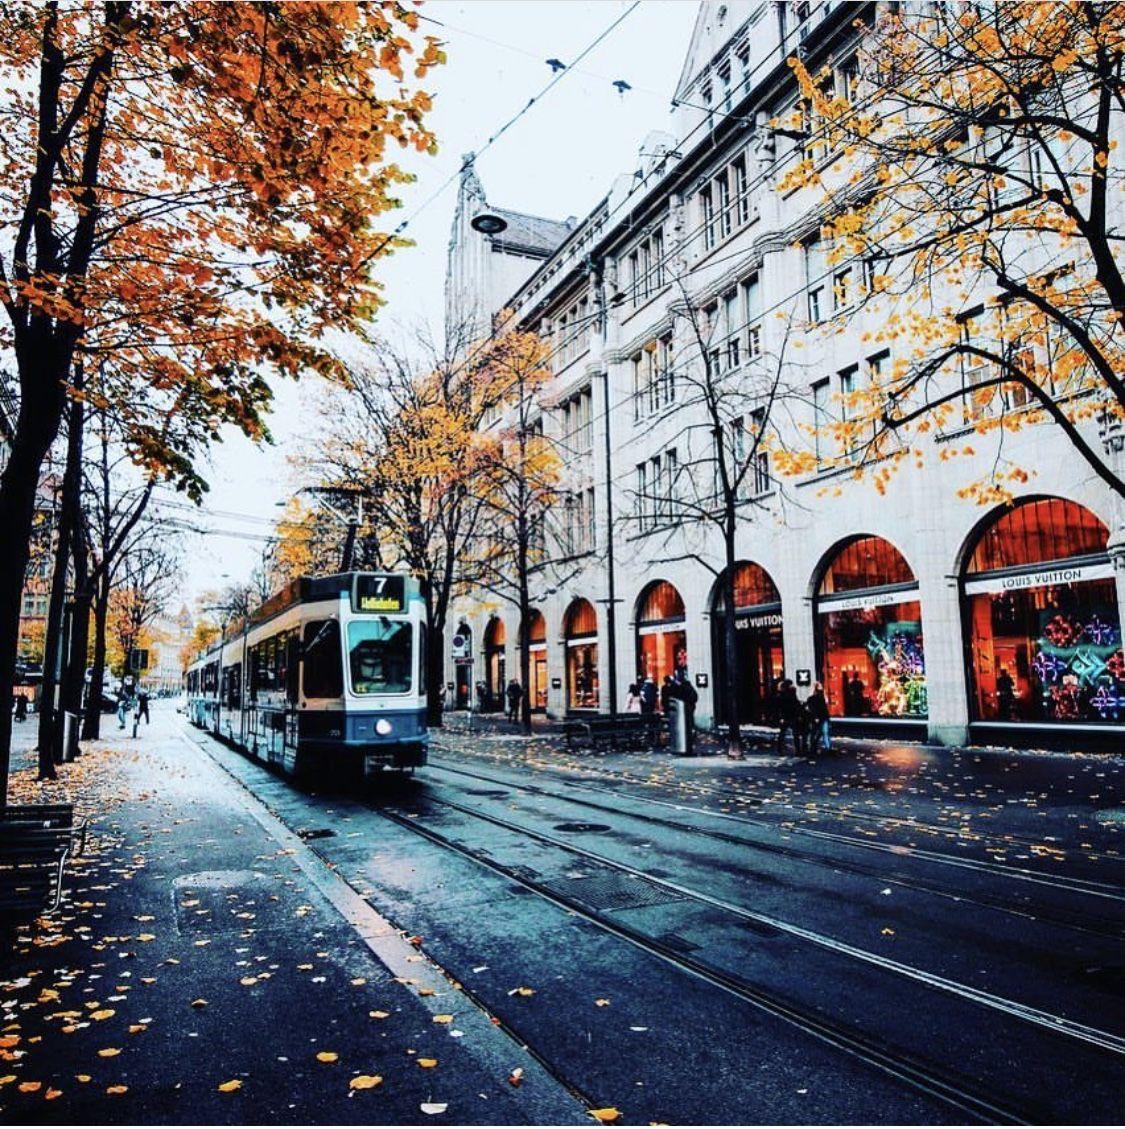 路線電車 秋 雨 街中 落ち葉 風景 街角フォト 落ち葉